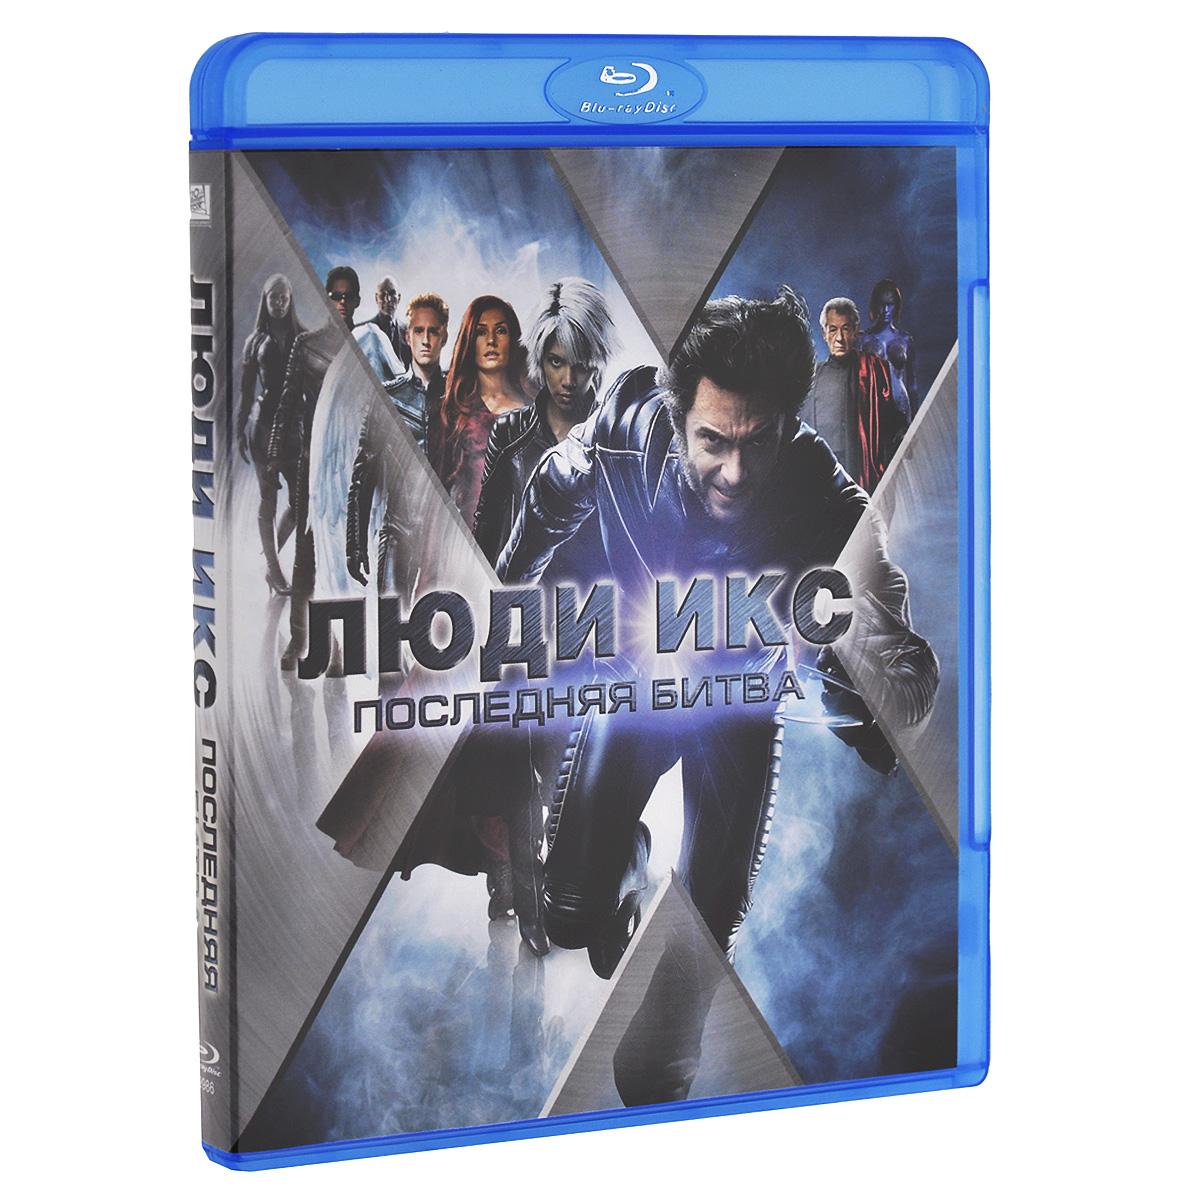 Люди икс: Последняя битва (Blu-ray)